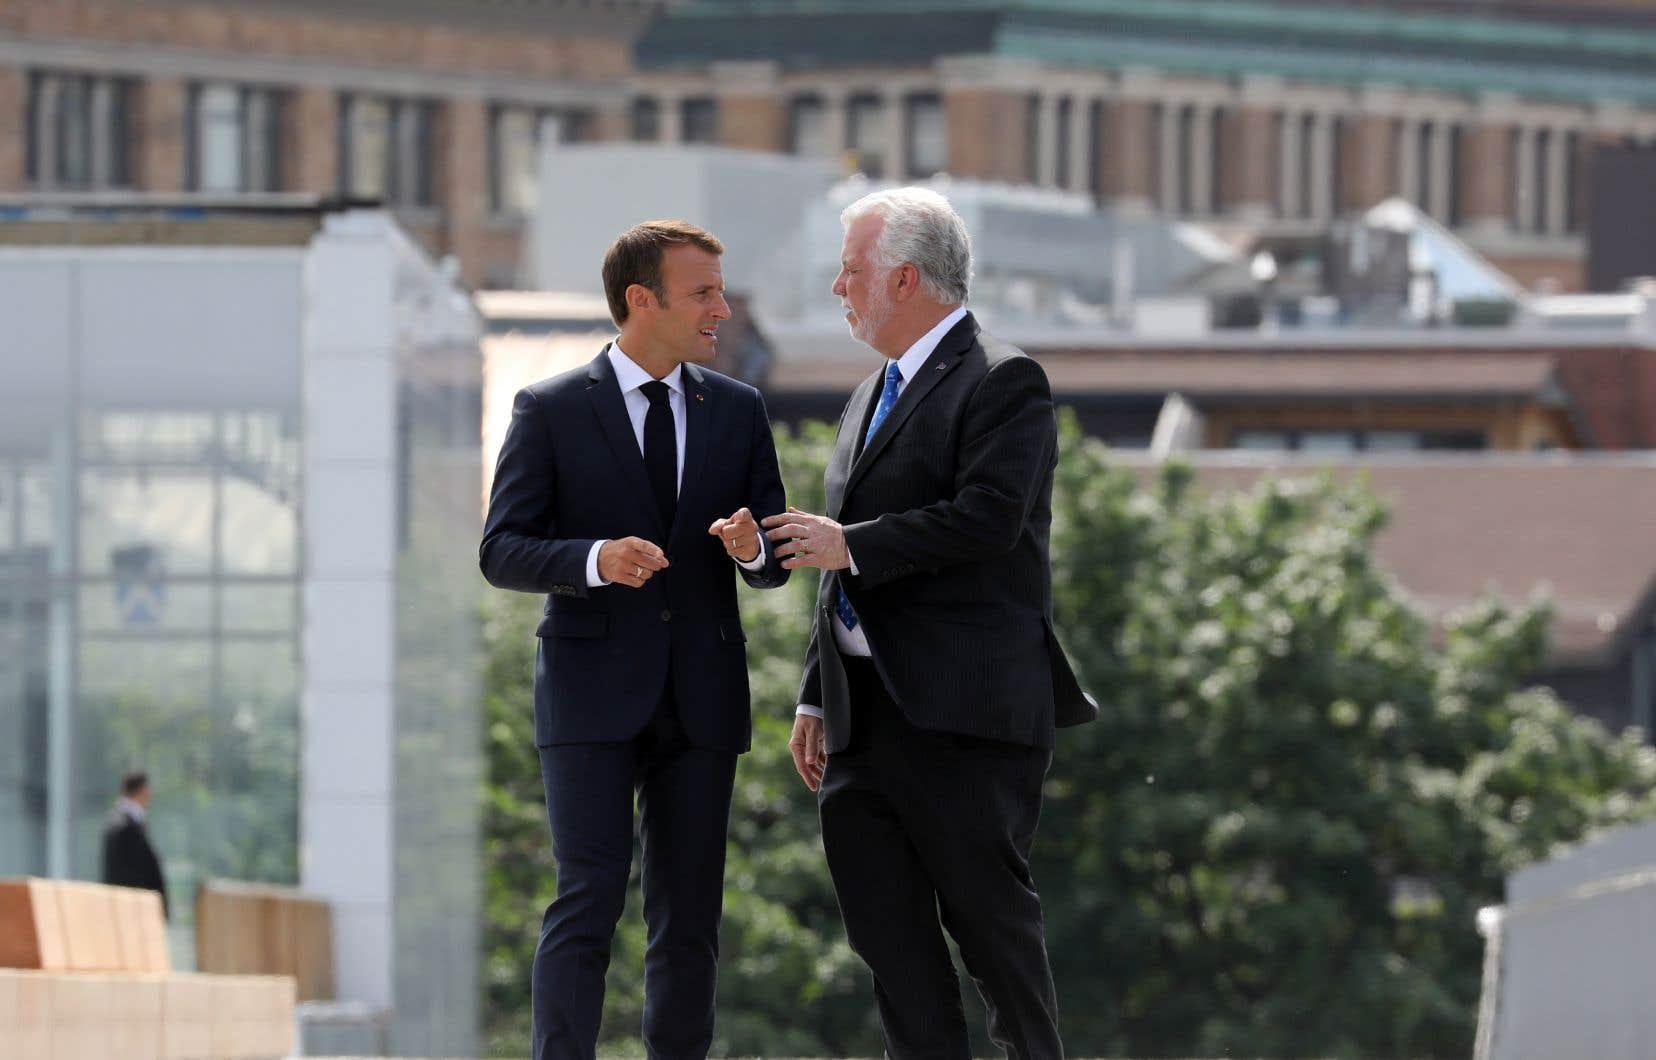 Avant de se rendre au G7 à La Malbaie, Emmanuel Macron a fait une escale à Montréal.